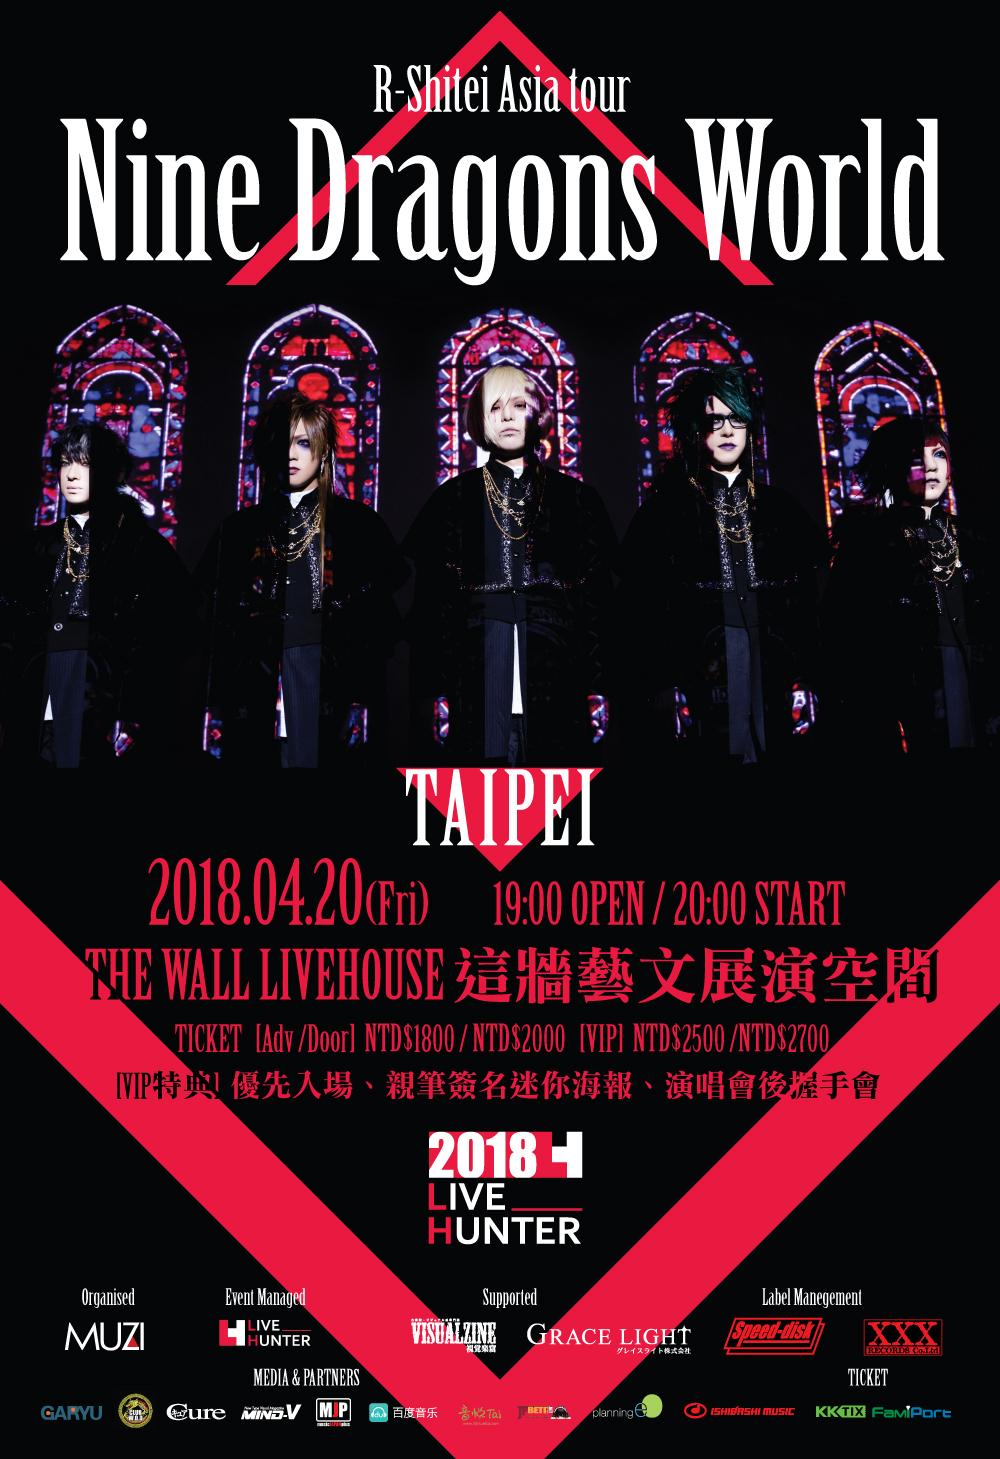 R指定アジアツアー《台北公演》